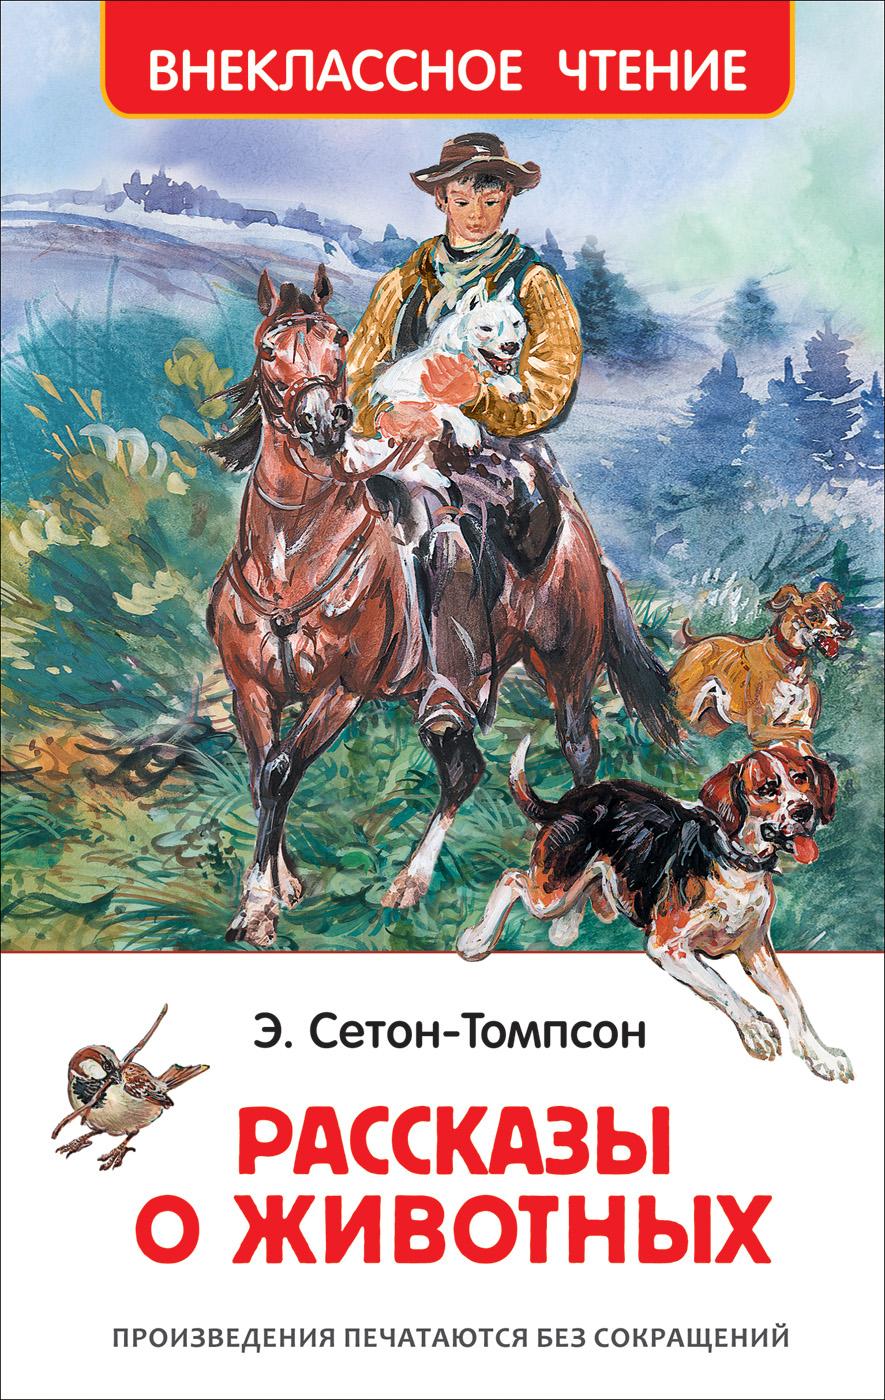 Купить Книга - Э. Сетон-Томпсон - Рассказы о животных из серии Внеклассное чтение, Росмэн